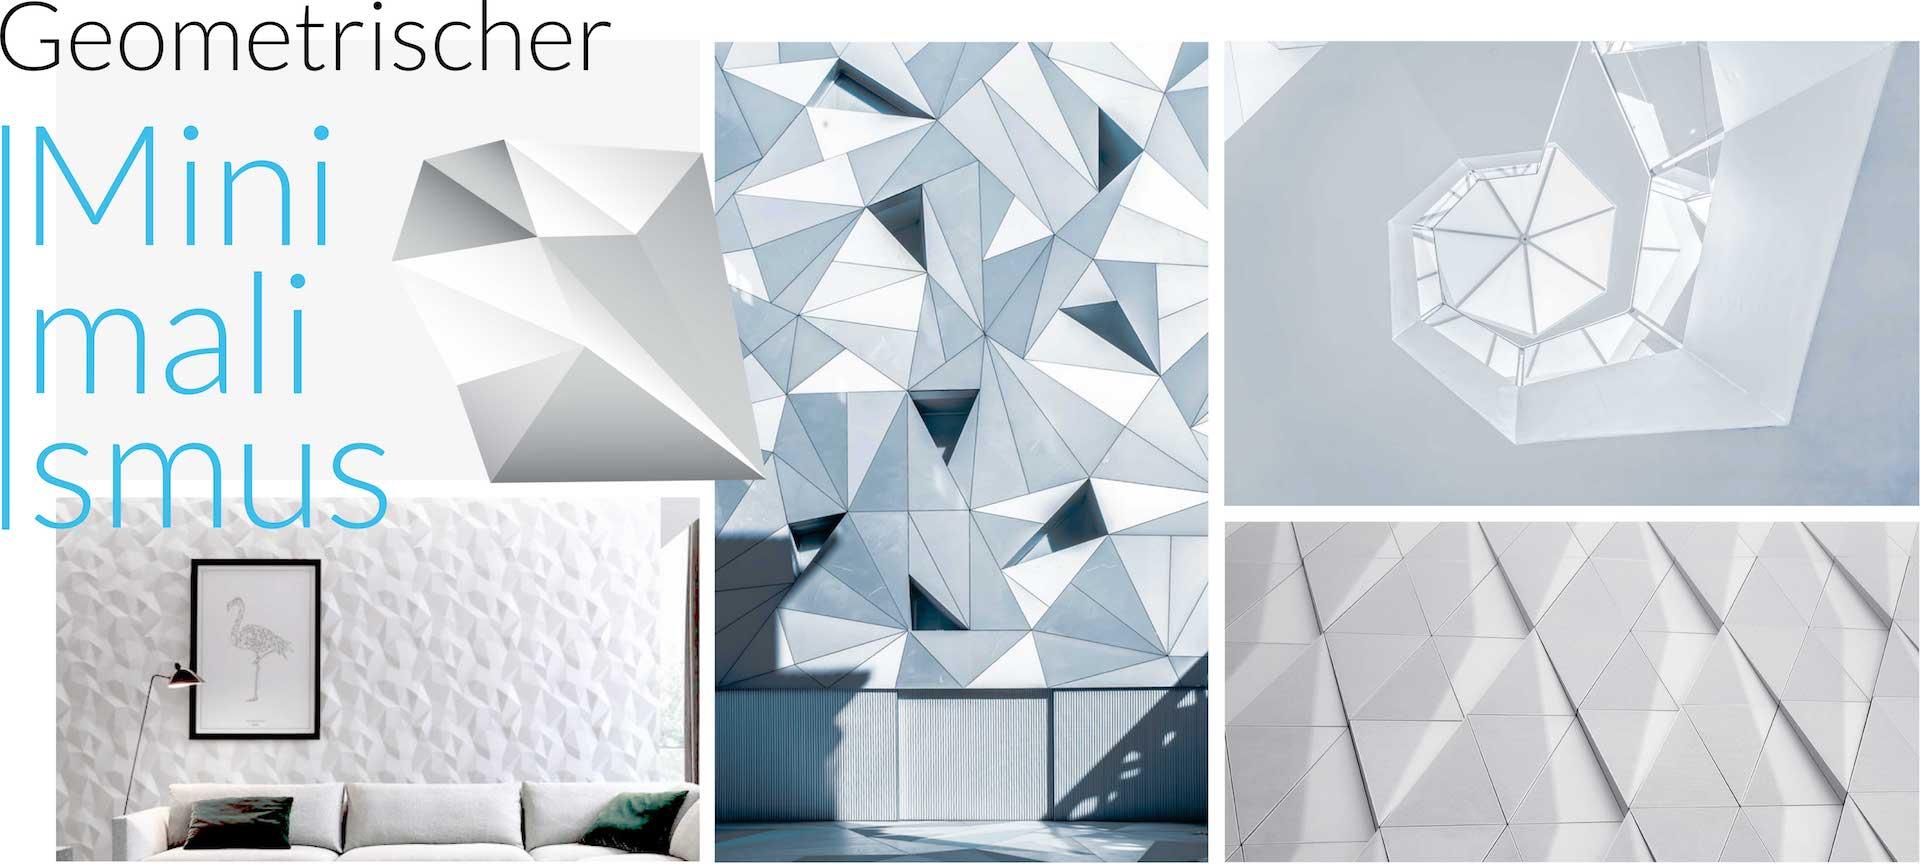 minuteman's Portfolio - Webdesign Moodboard für minimalistische Wandverkleidungen von My Art Wall